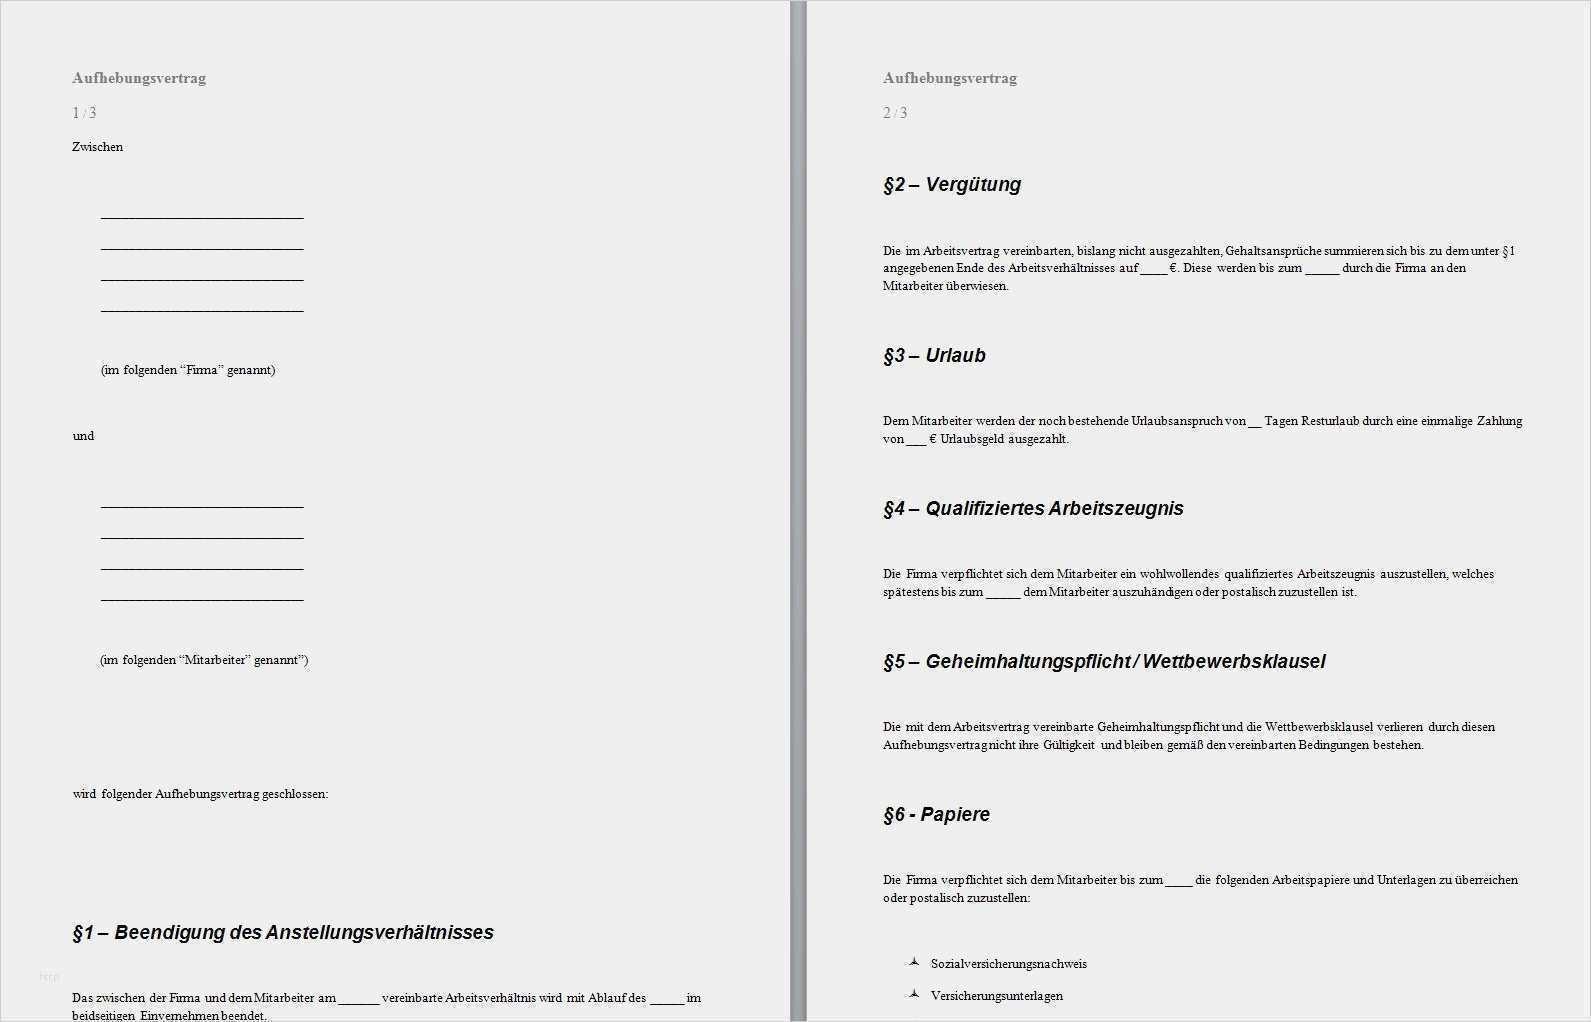 35 Einzigartig Aufhebungsvertrag Ohne Abfindung Vorlage Vorrate Vorlagen Lebenslauf Lebenslauf Briefkopf Vorlage